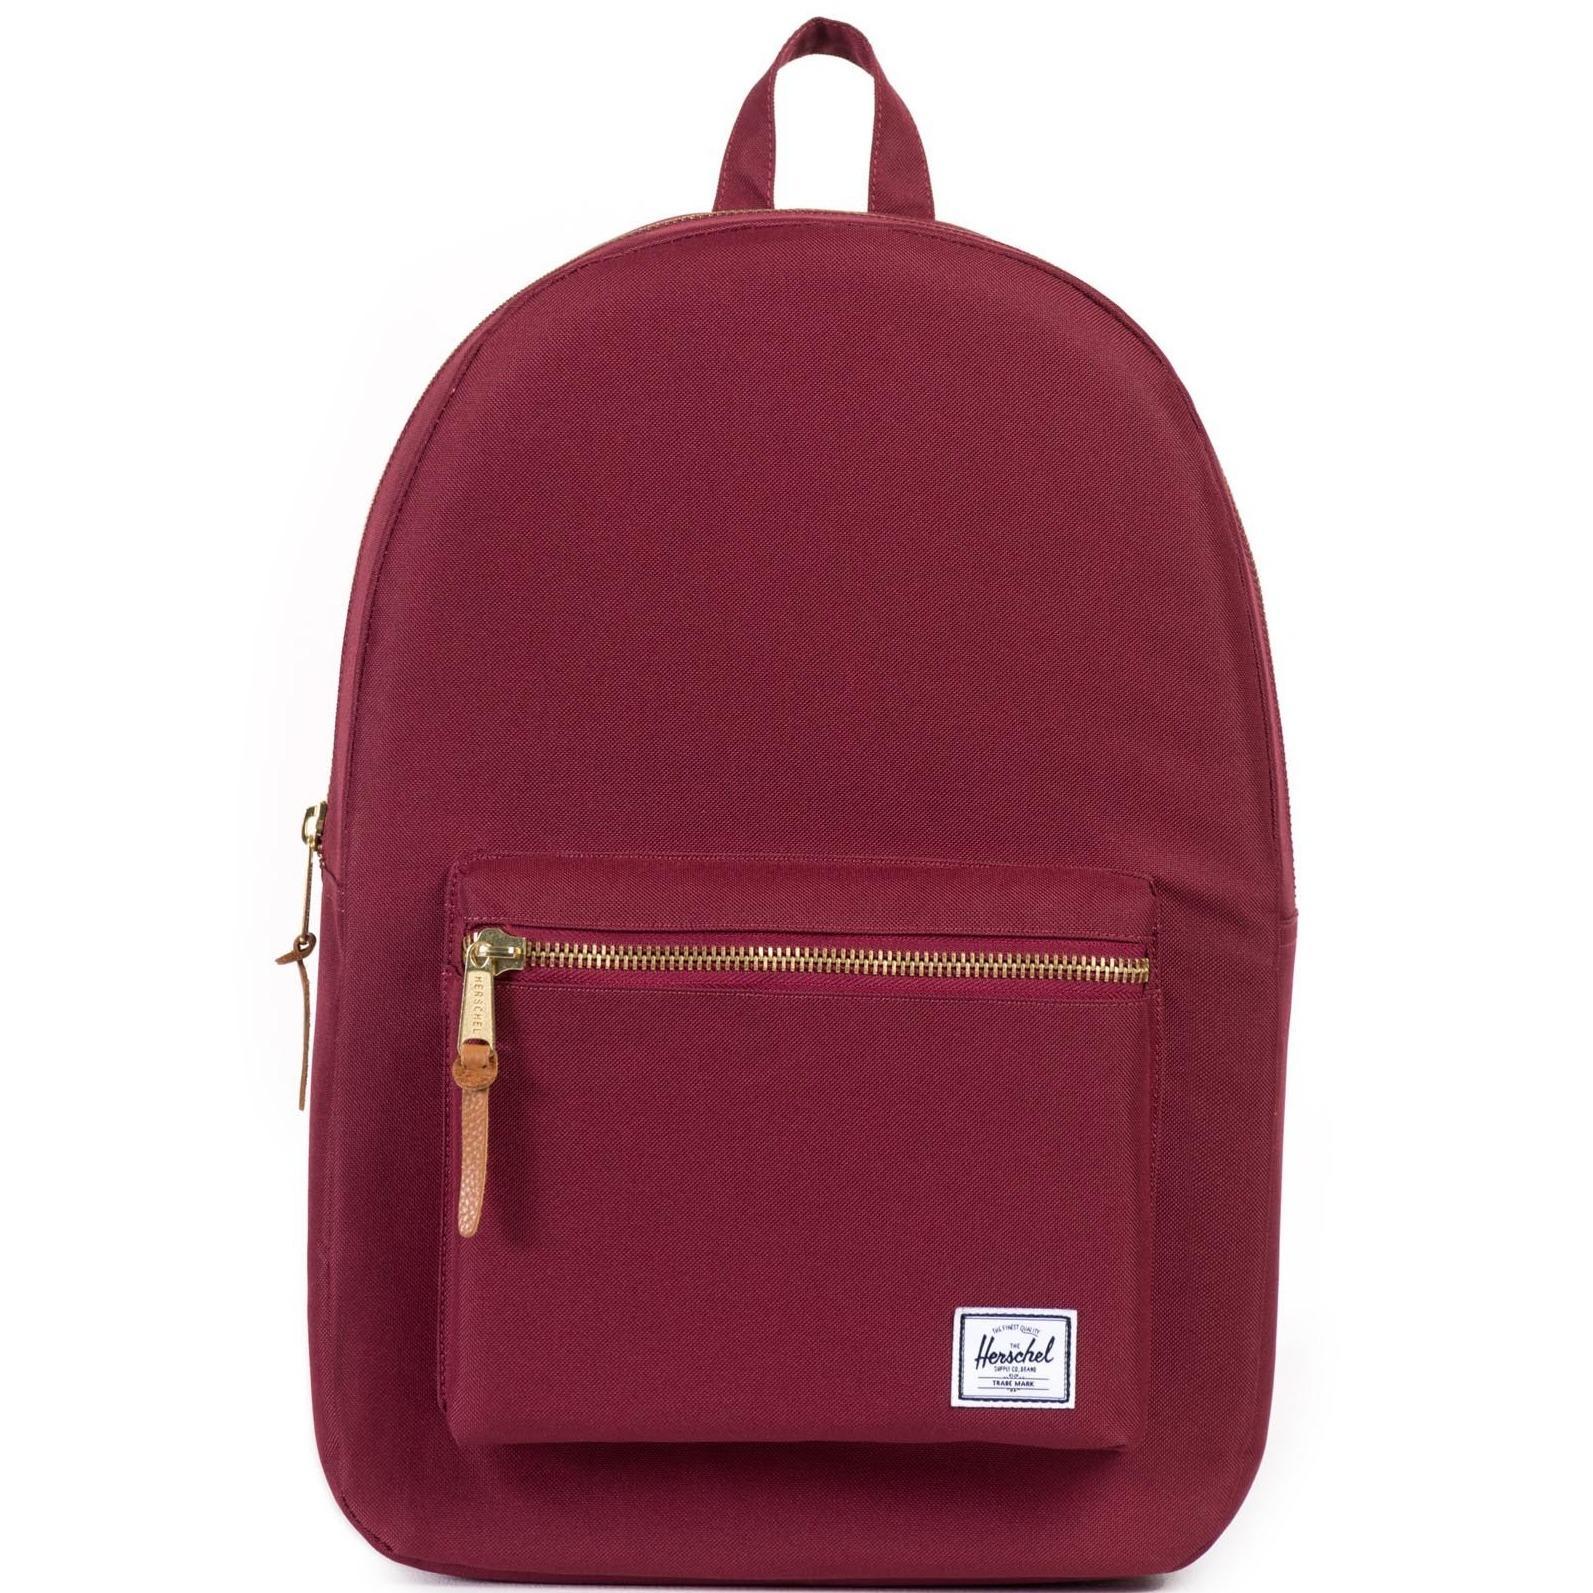 75b5939aa7 Herschel Supply Co Settlement Backpack Camo